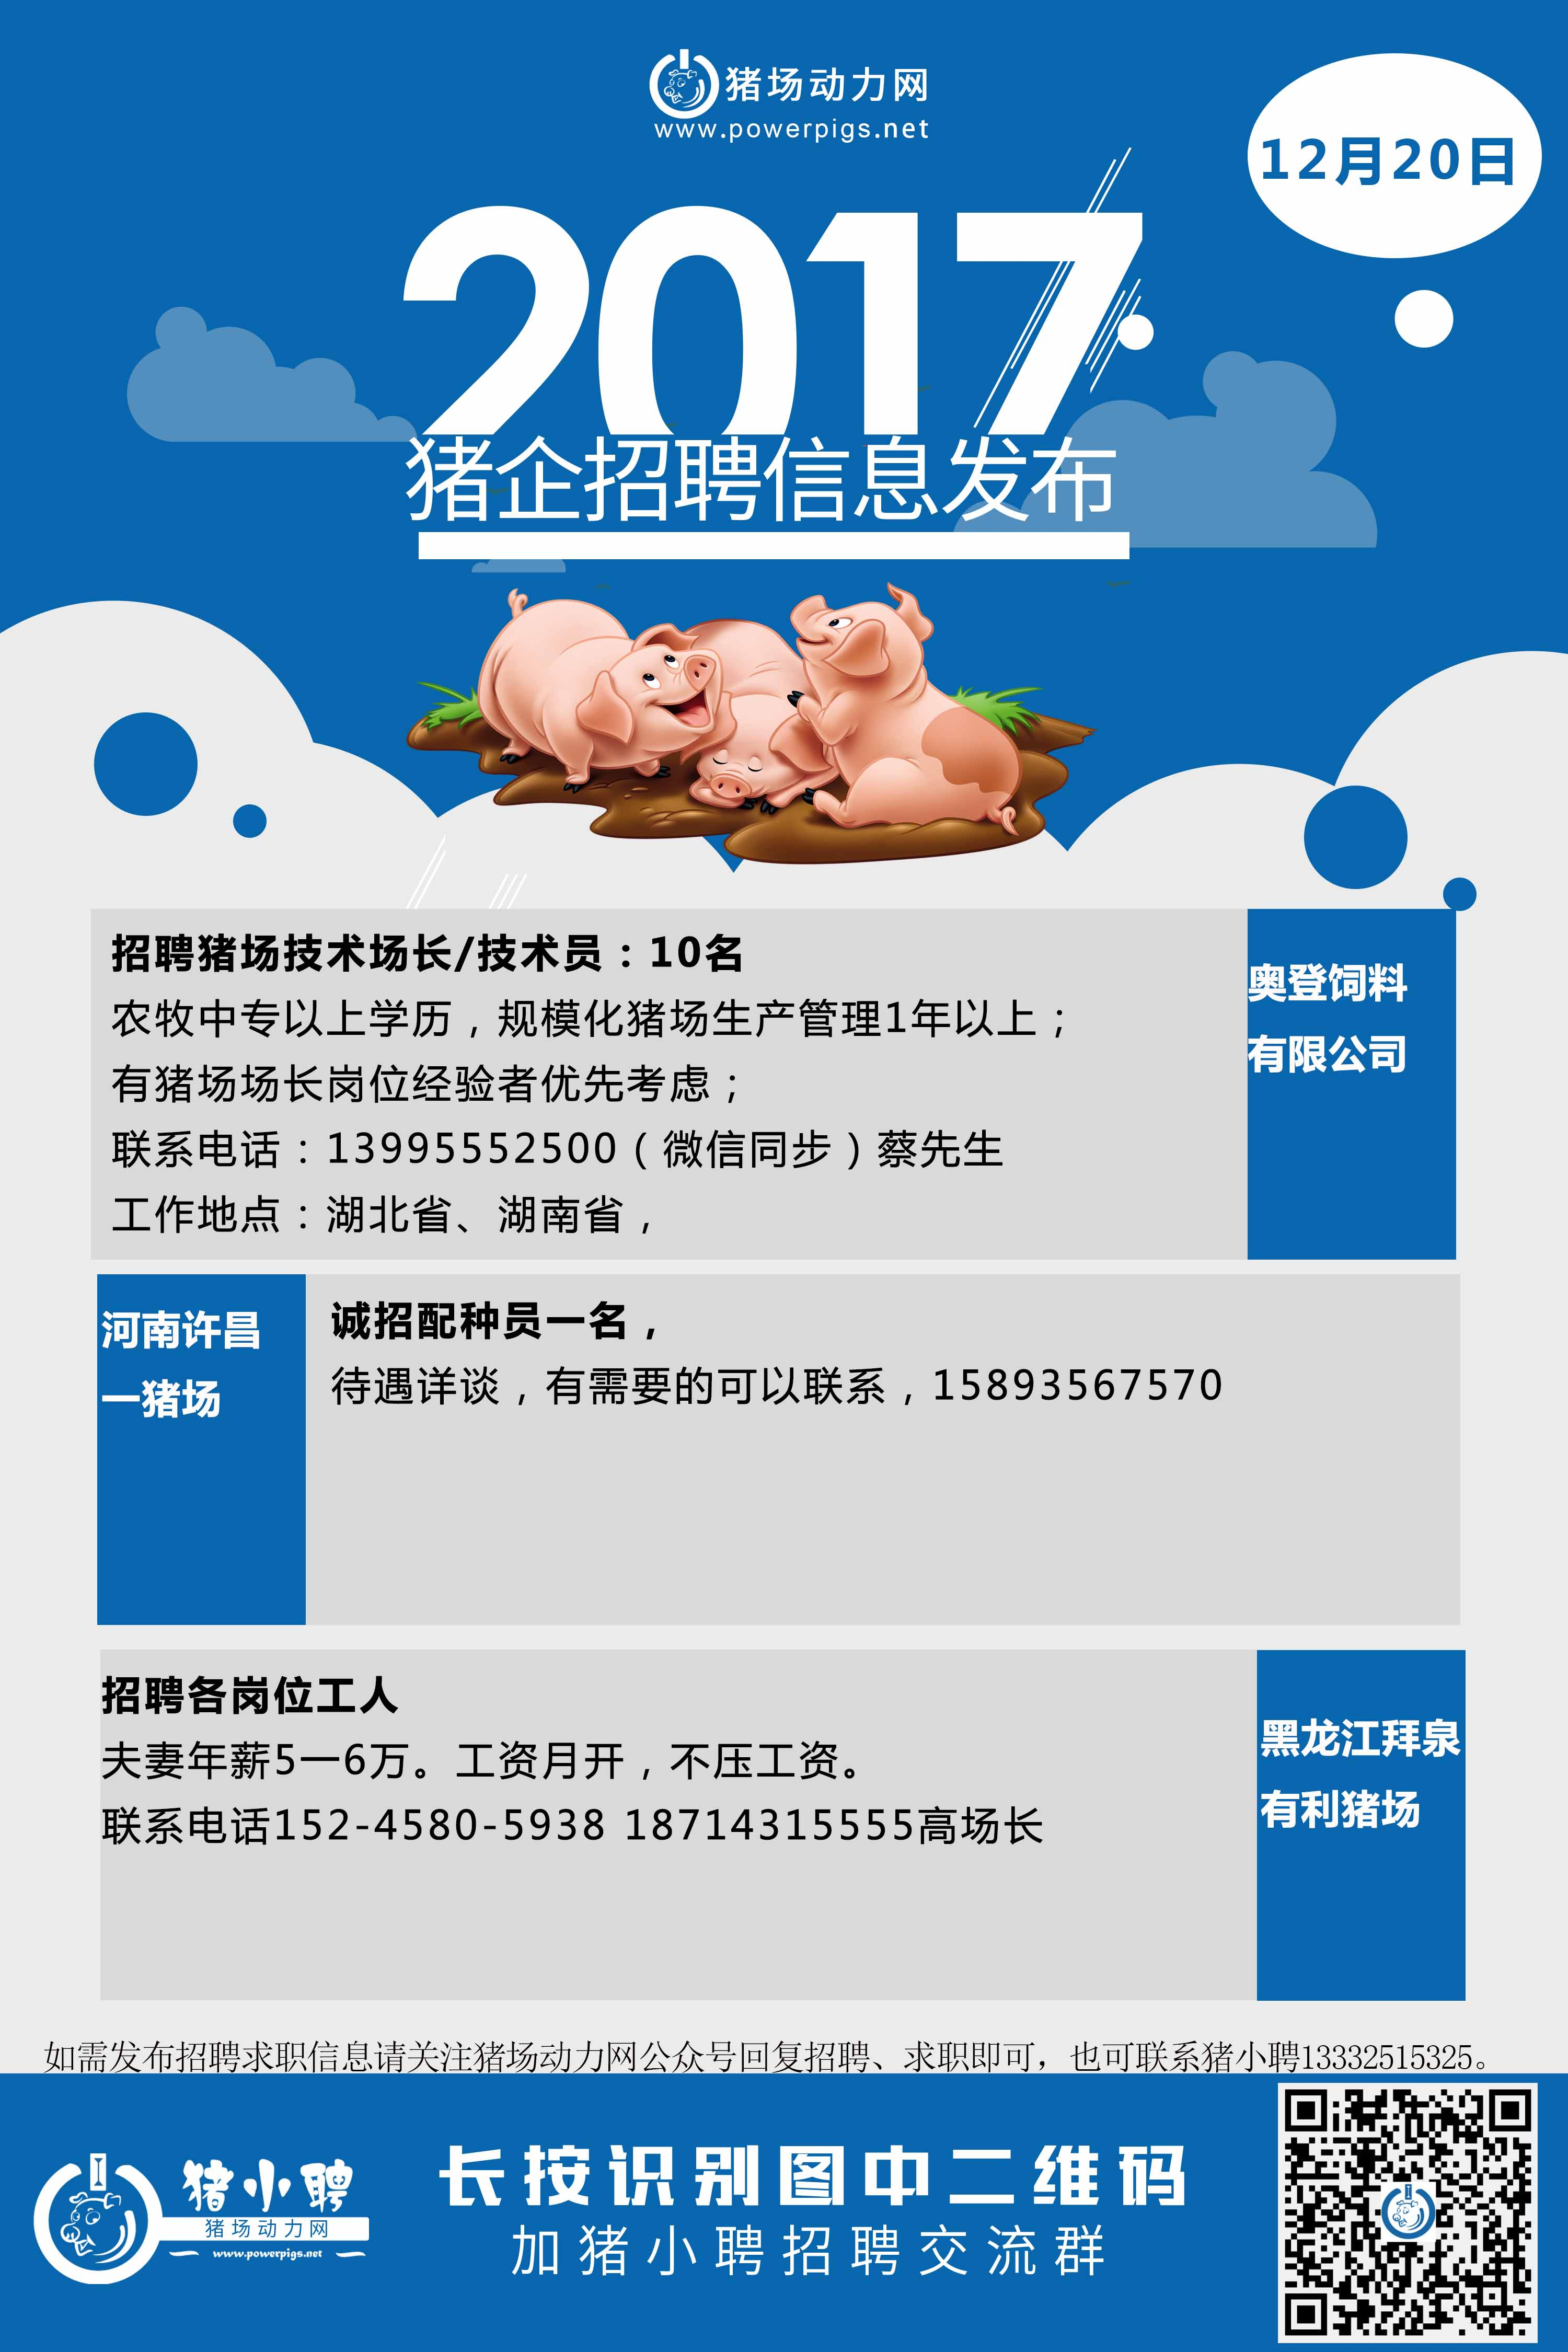 12.20日猪场招聘.jpg